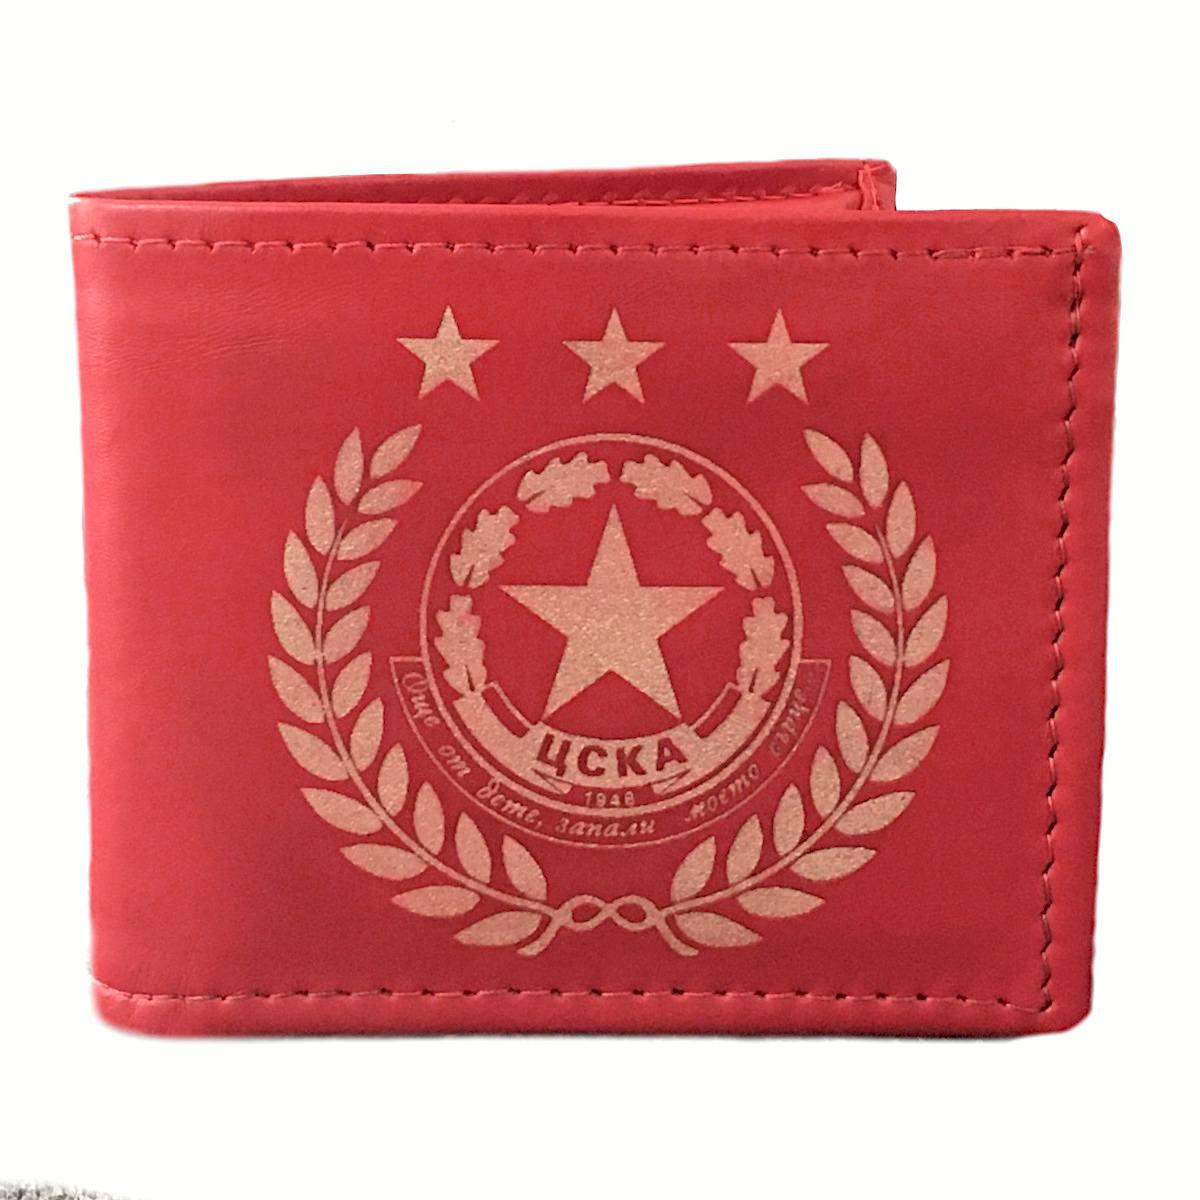 ръчно изработен червен кожен портфейл с логото на цска